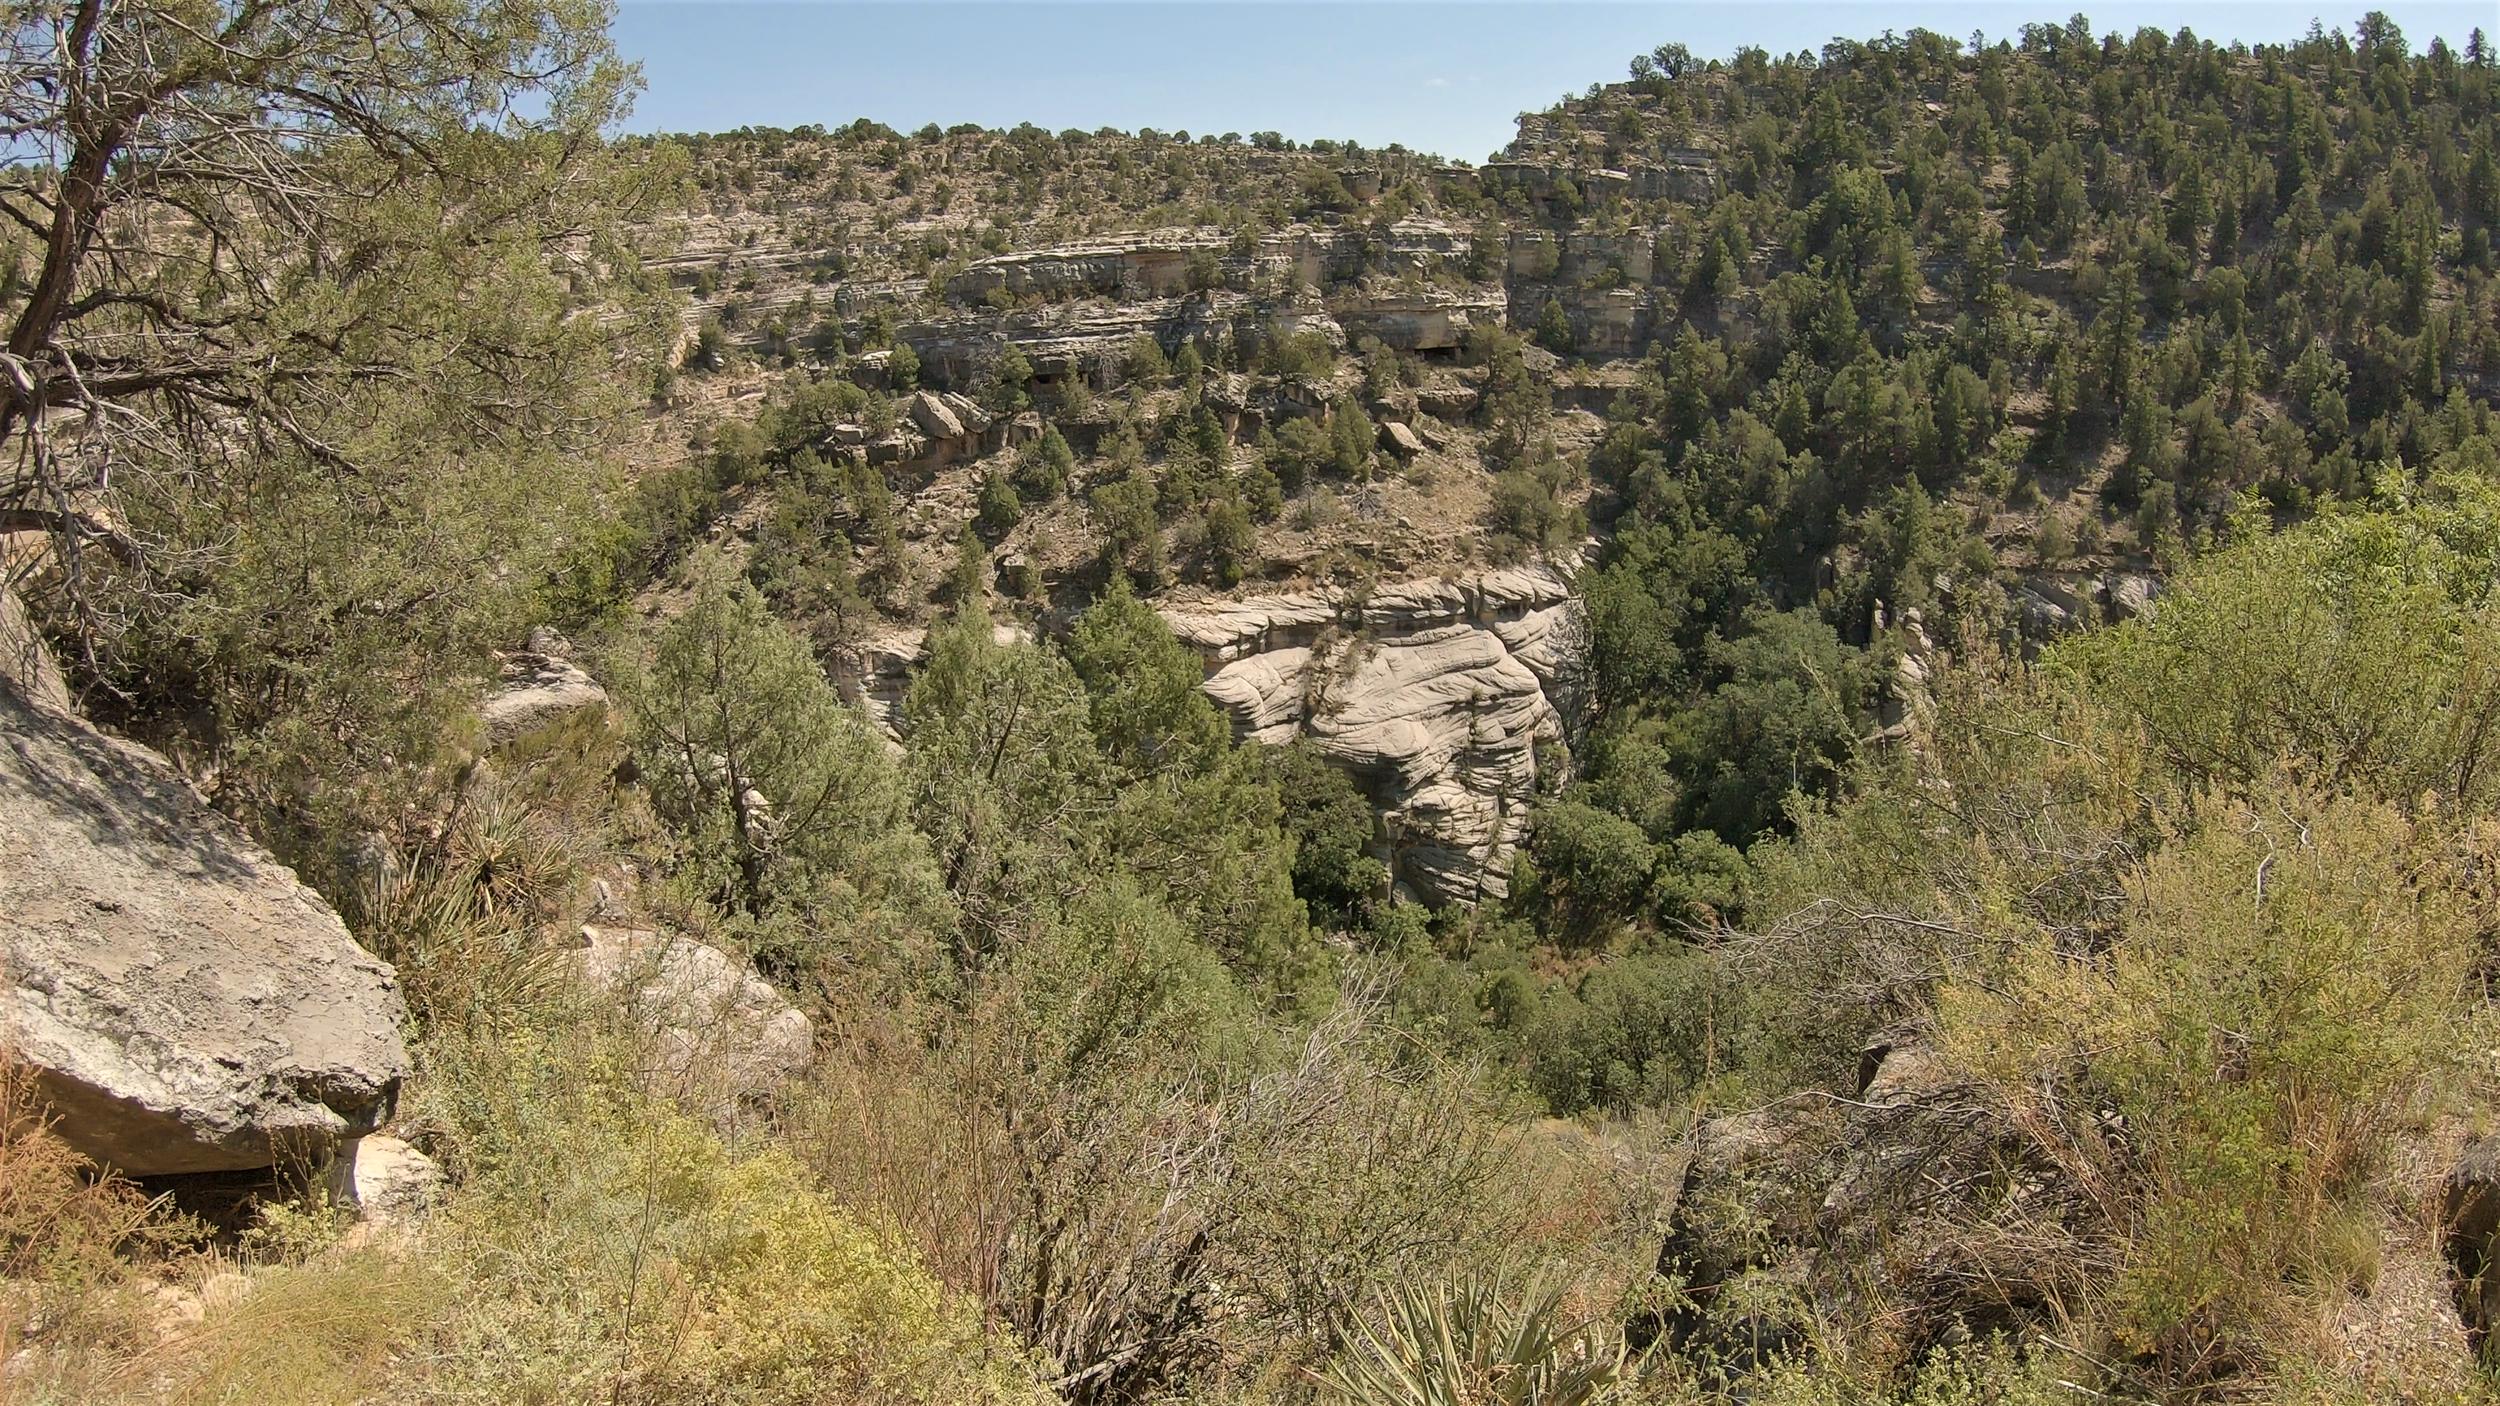 Walnut Canyon in Coconino County, Arizona